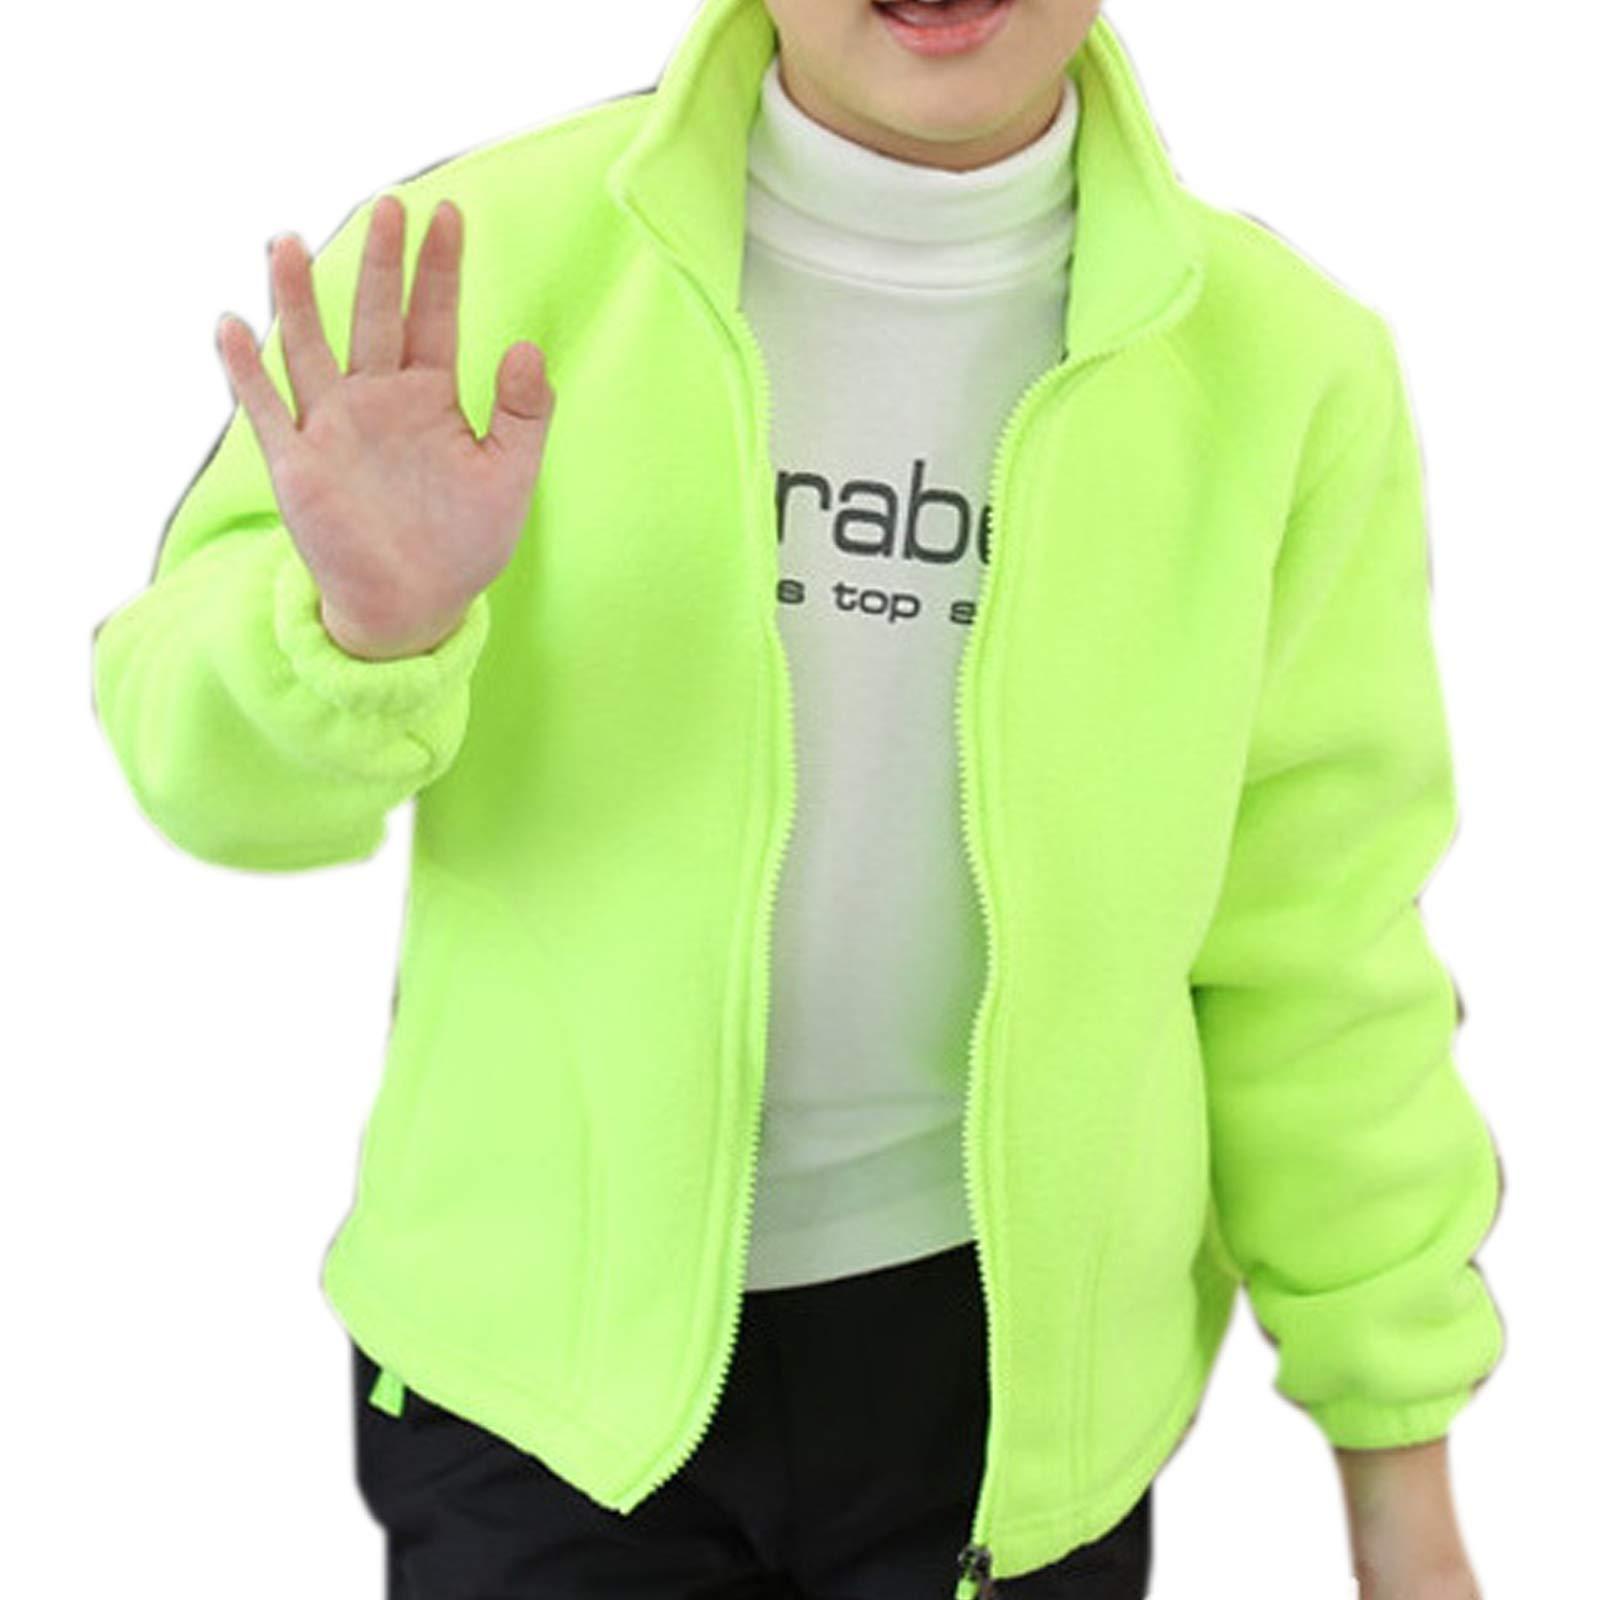 ZumZup Kids Fleece Jacket Full Zip Stand Collar Boys Sportwear Top Outwear Fruit Green2 Bust 35''(Asie XS) by ZumZup